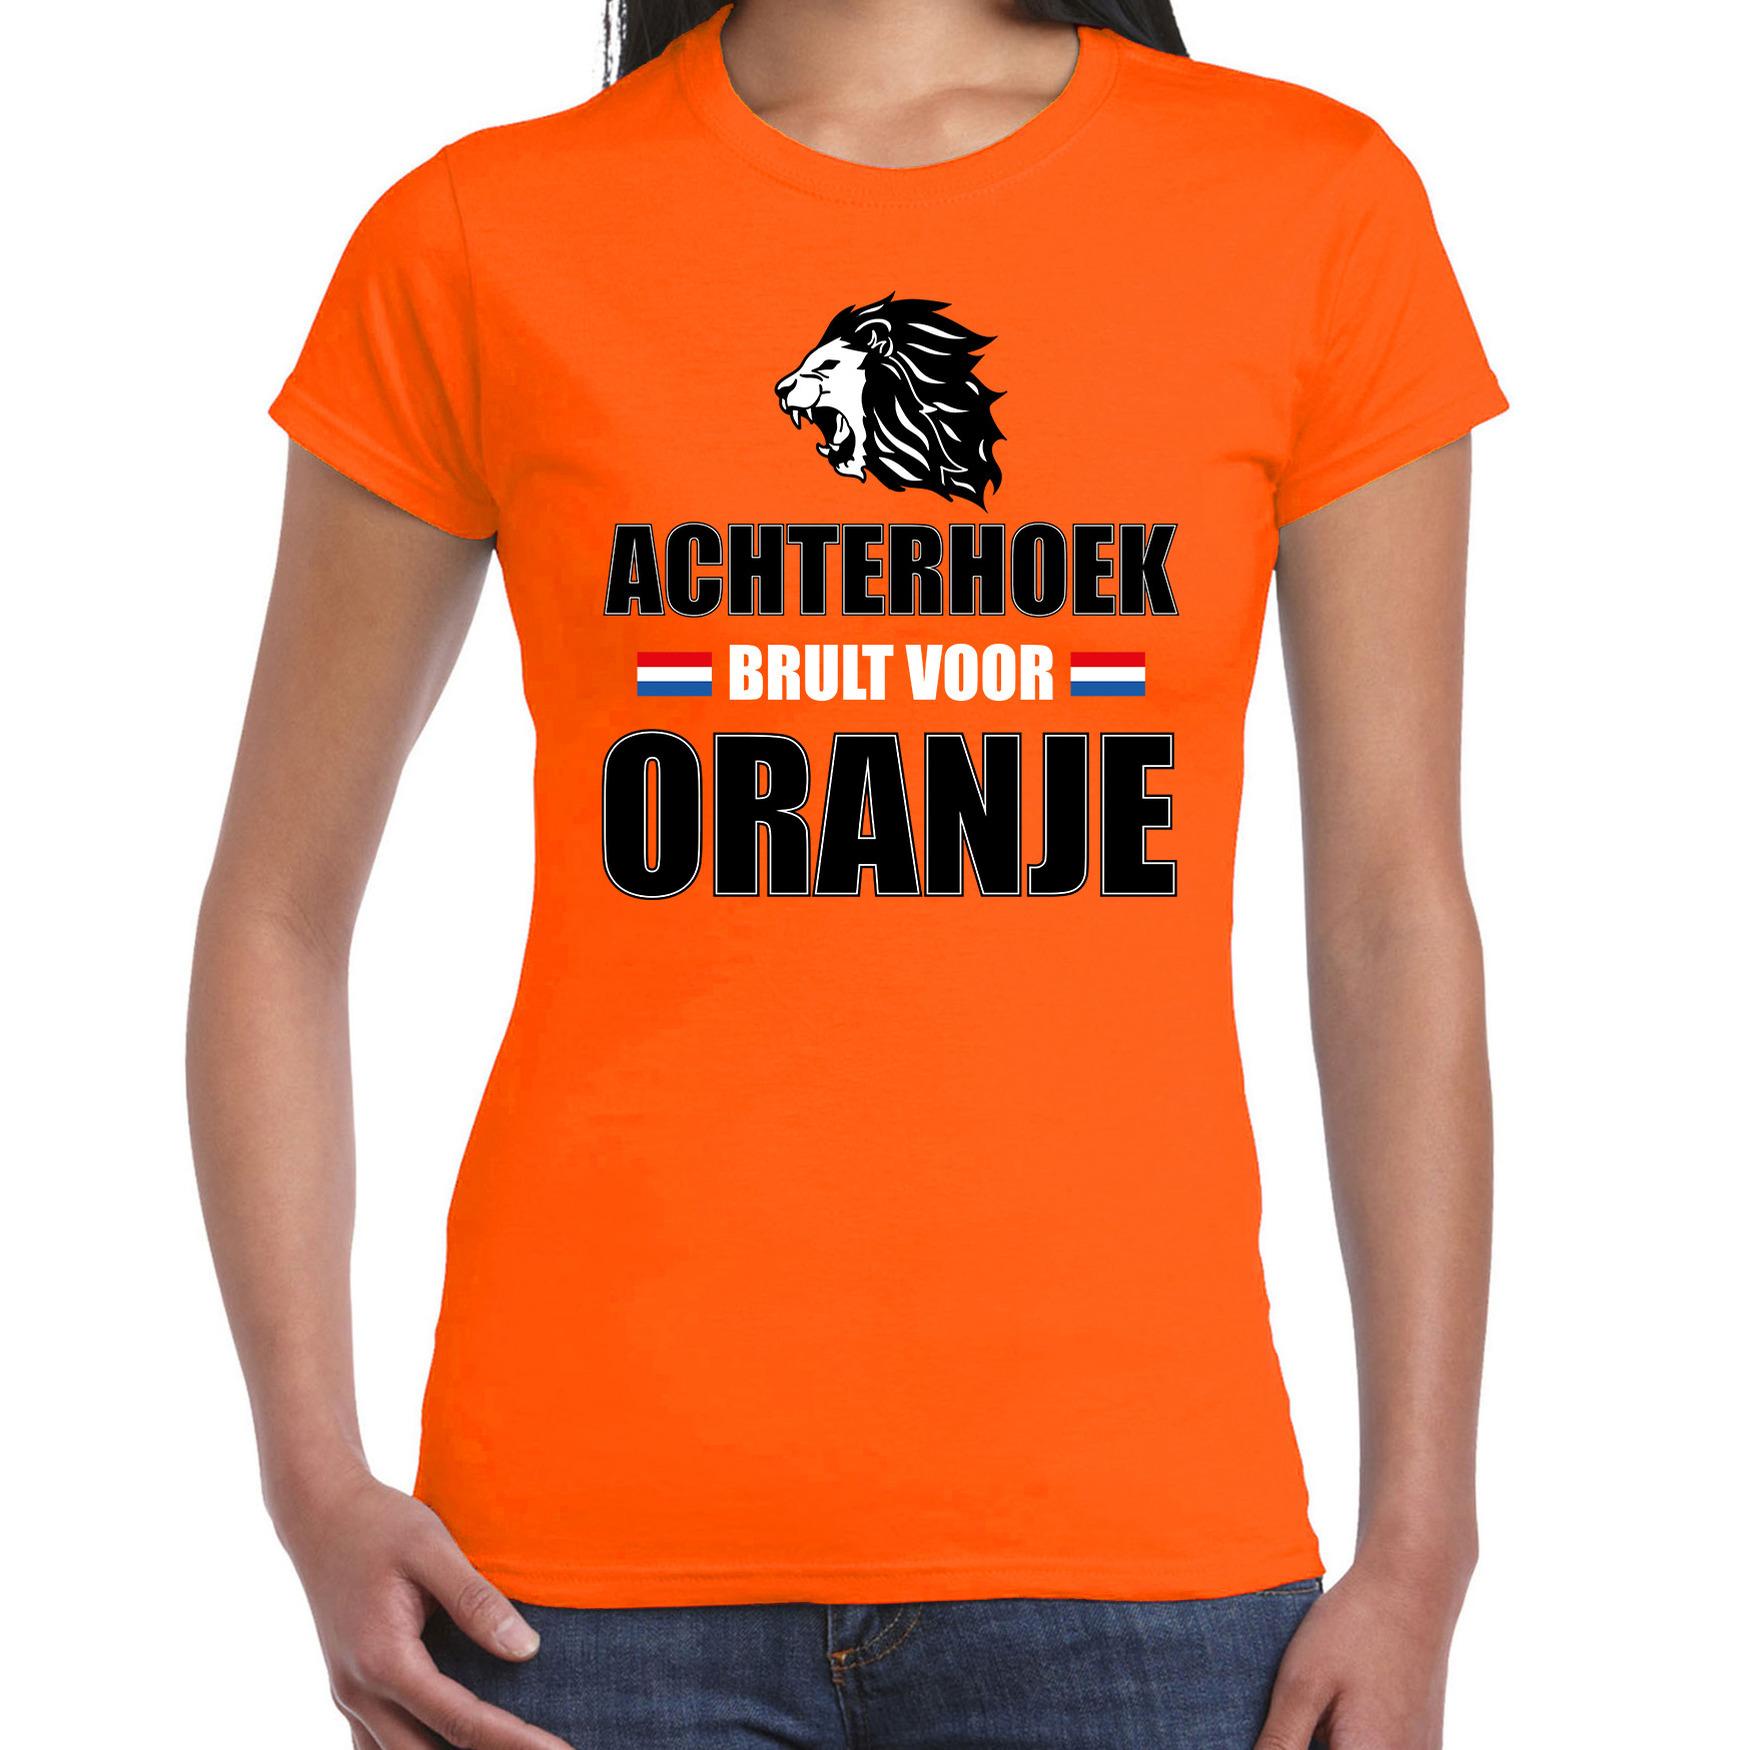 Oranje EK/ WK fan shirt / kleding de Achterhoek brult voor oranje voor dames M -